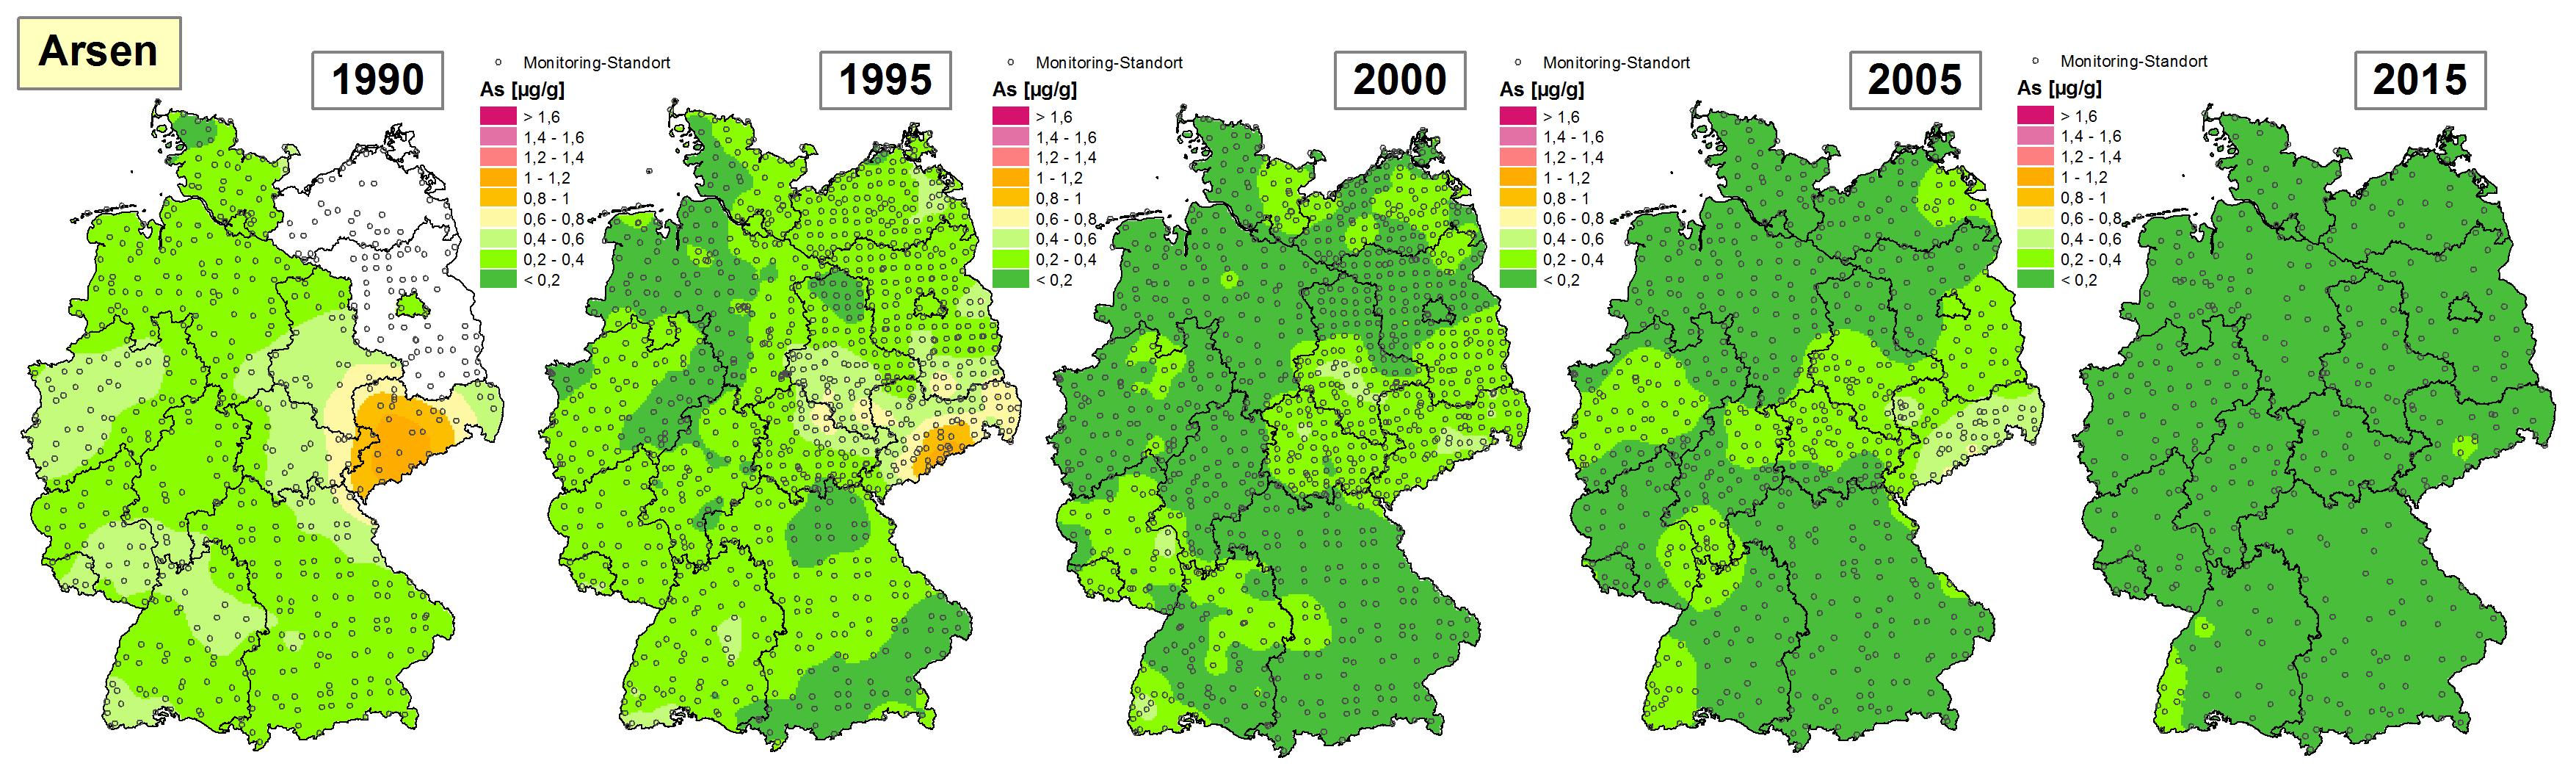 Die Grafik zeigt die Höhe der Bioakkumulation von Arsen und Entwicklung dieser Konzentration von 1990 bis 2015/16 in Deutschland.